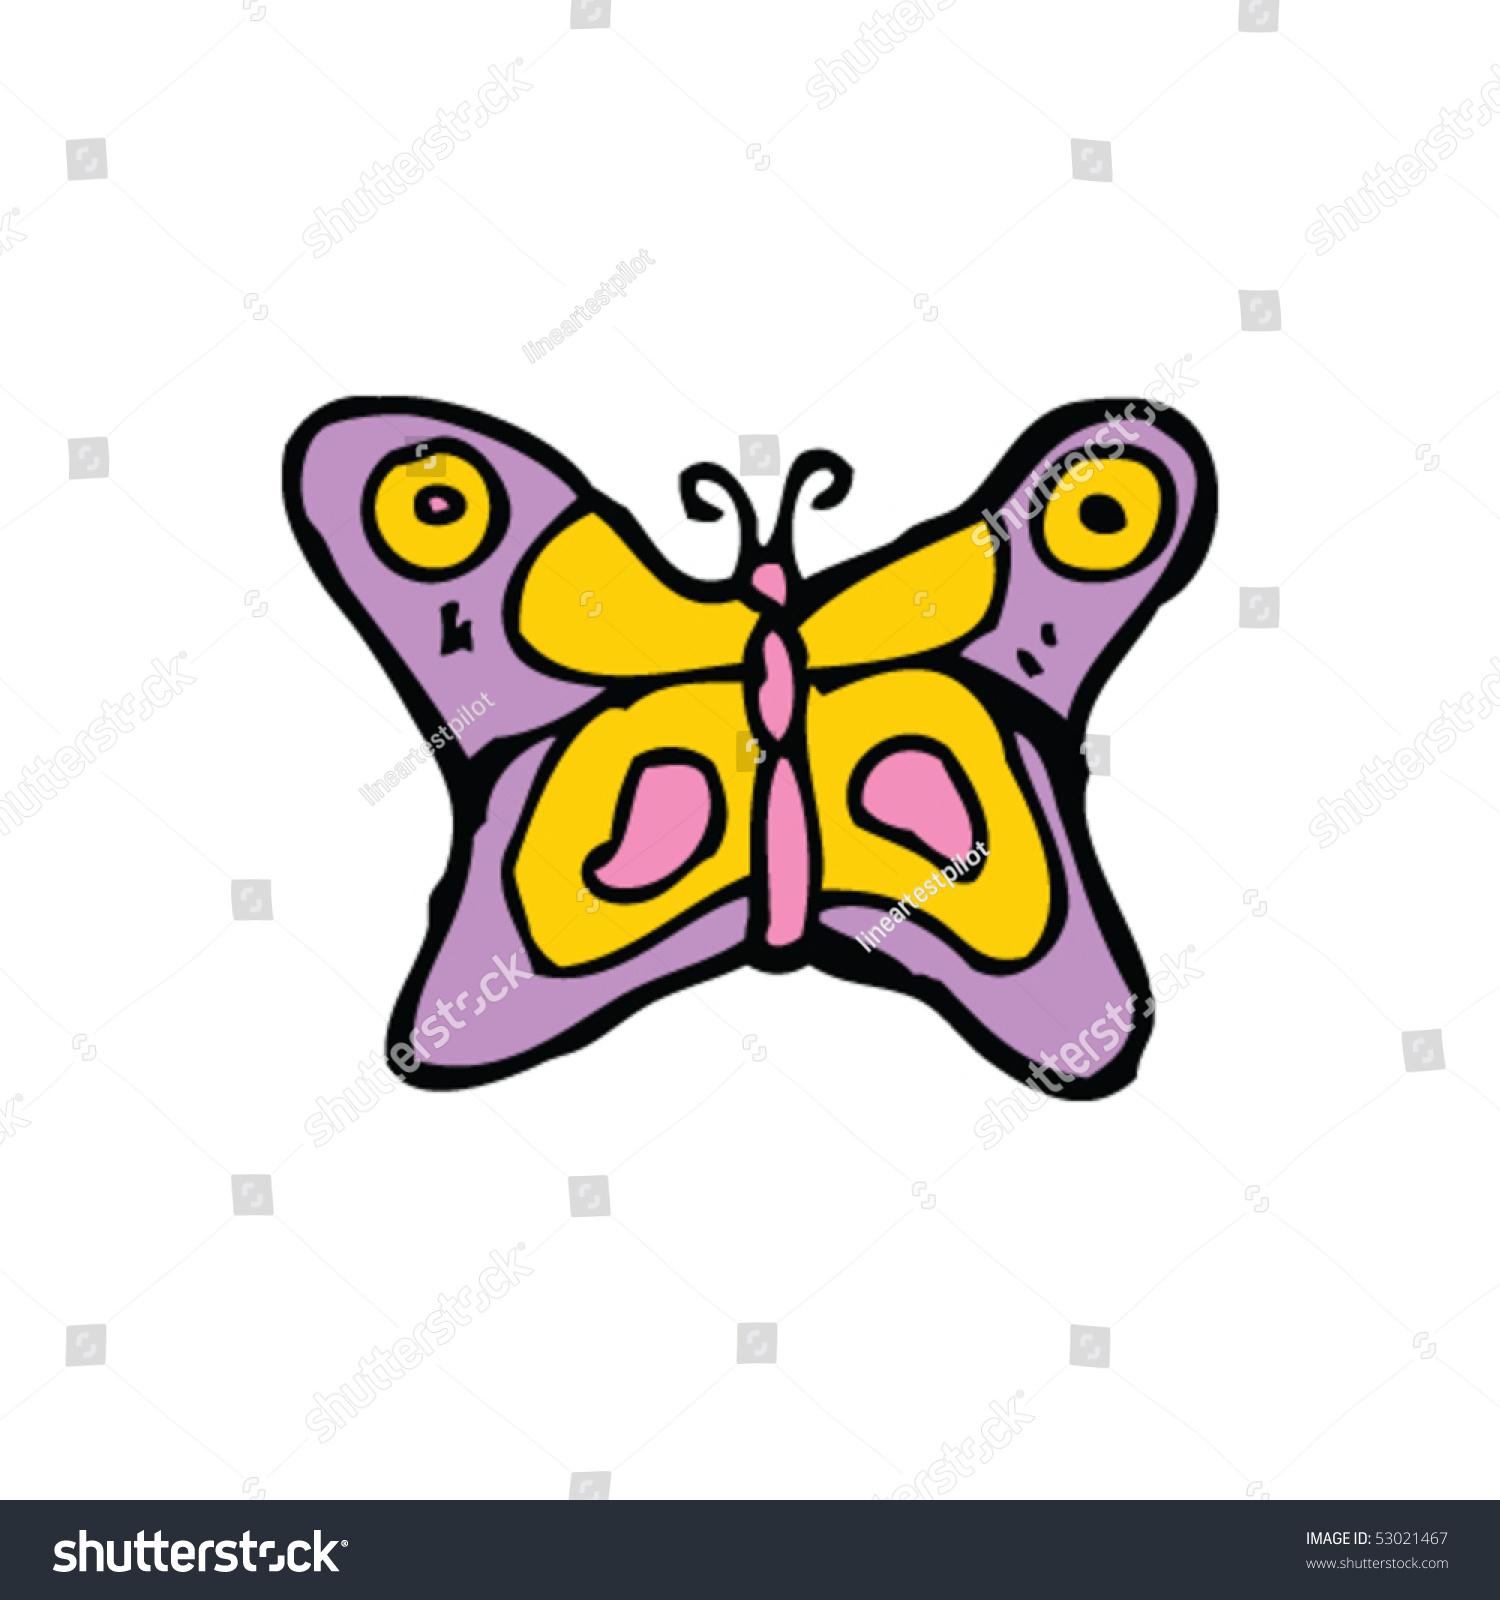 古怪的蝴蝶画-动物/野生生物